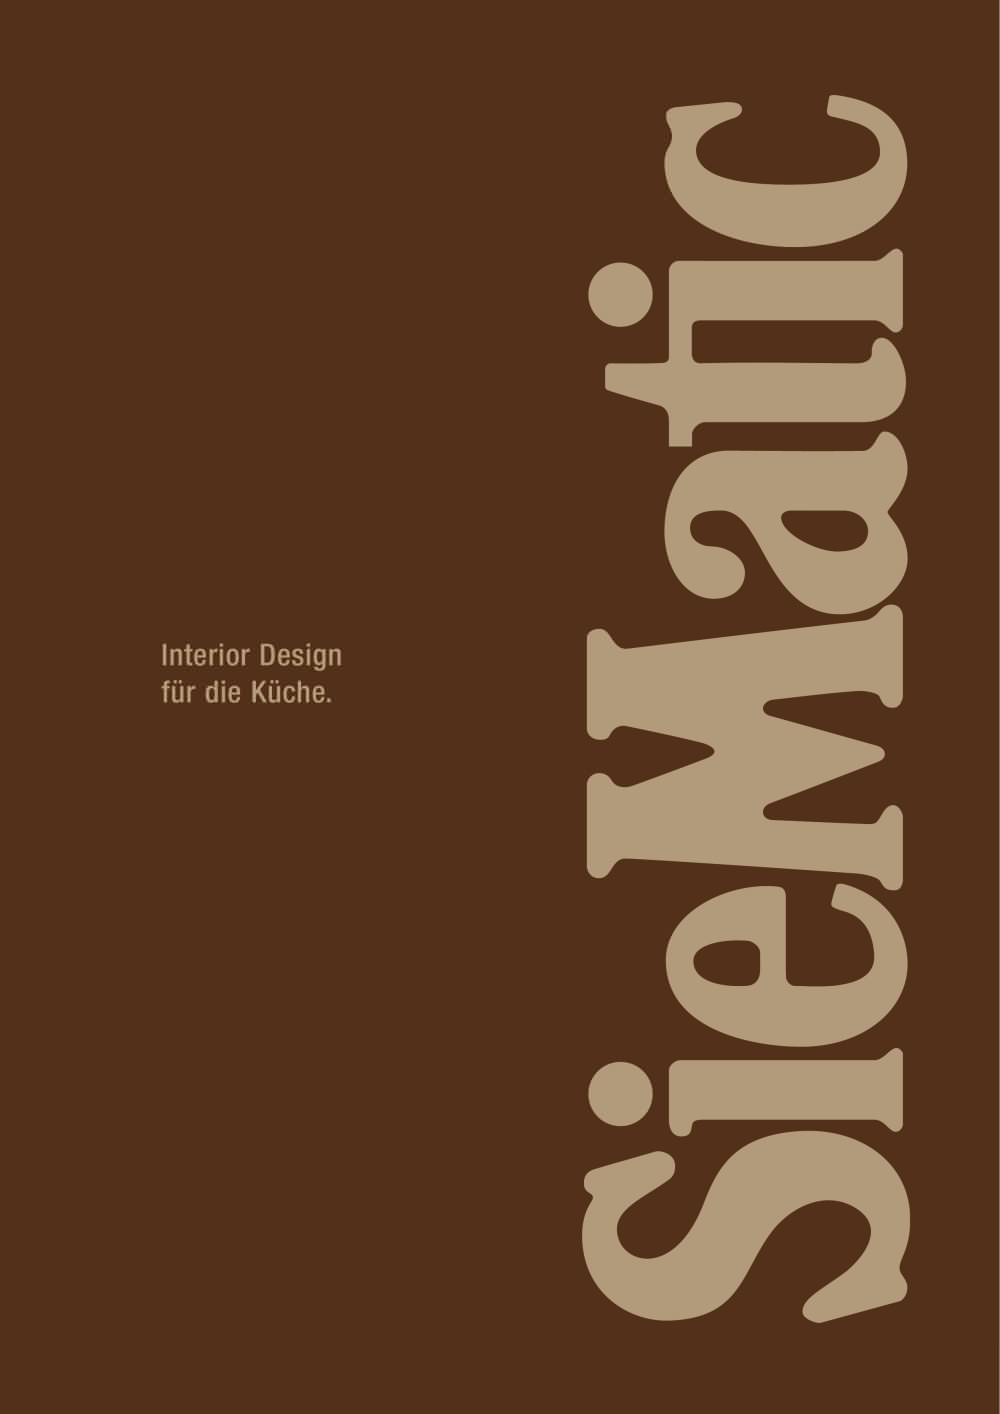 Interior Design für die Küche - SIEMATIC - PDF Katalog ...